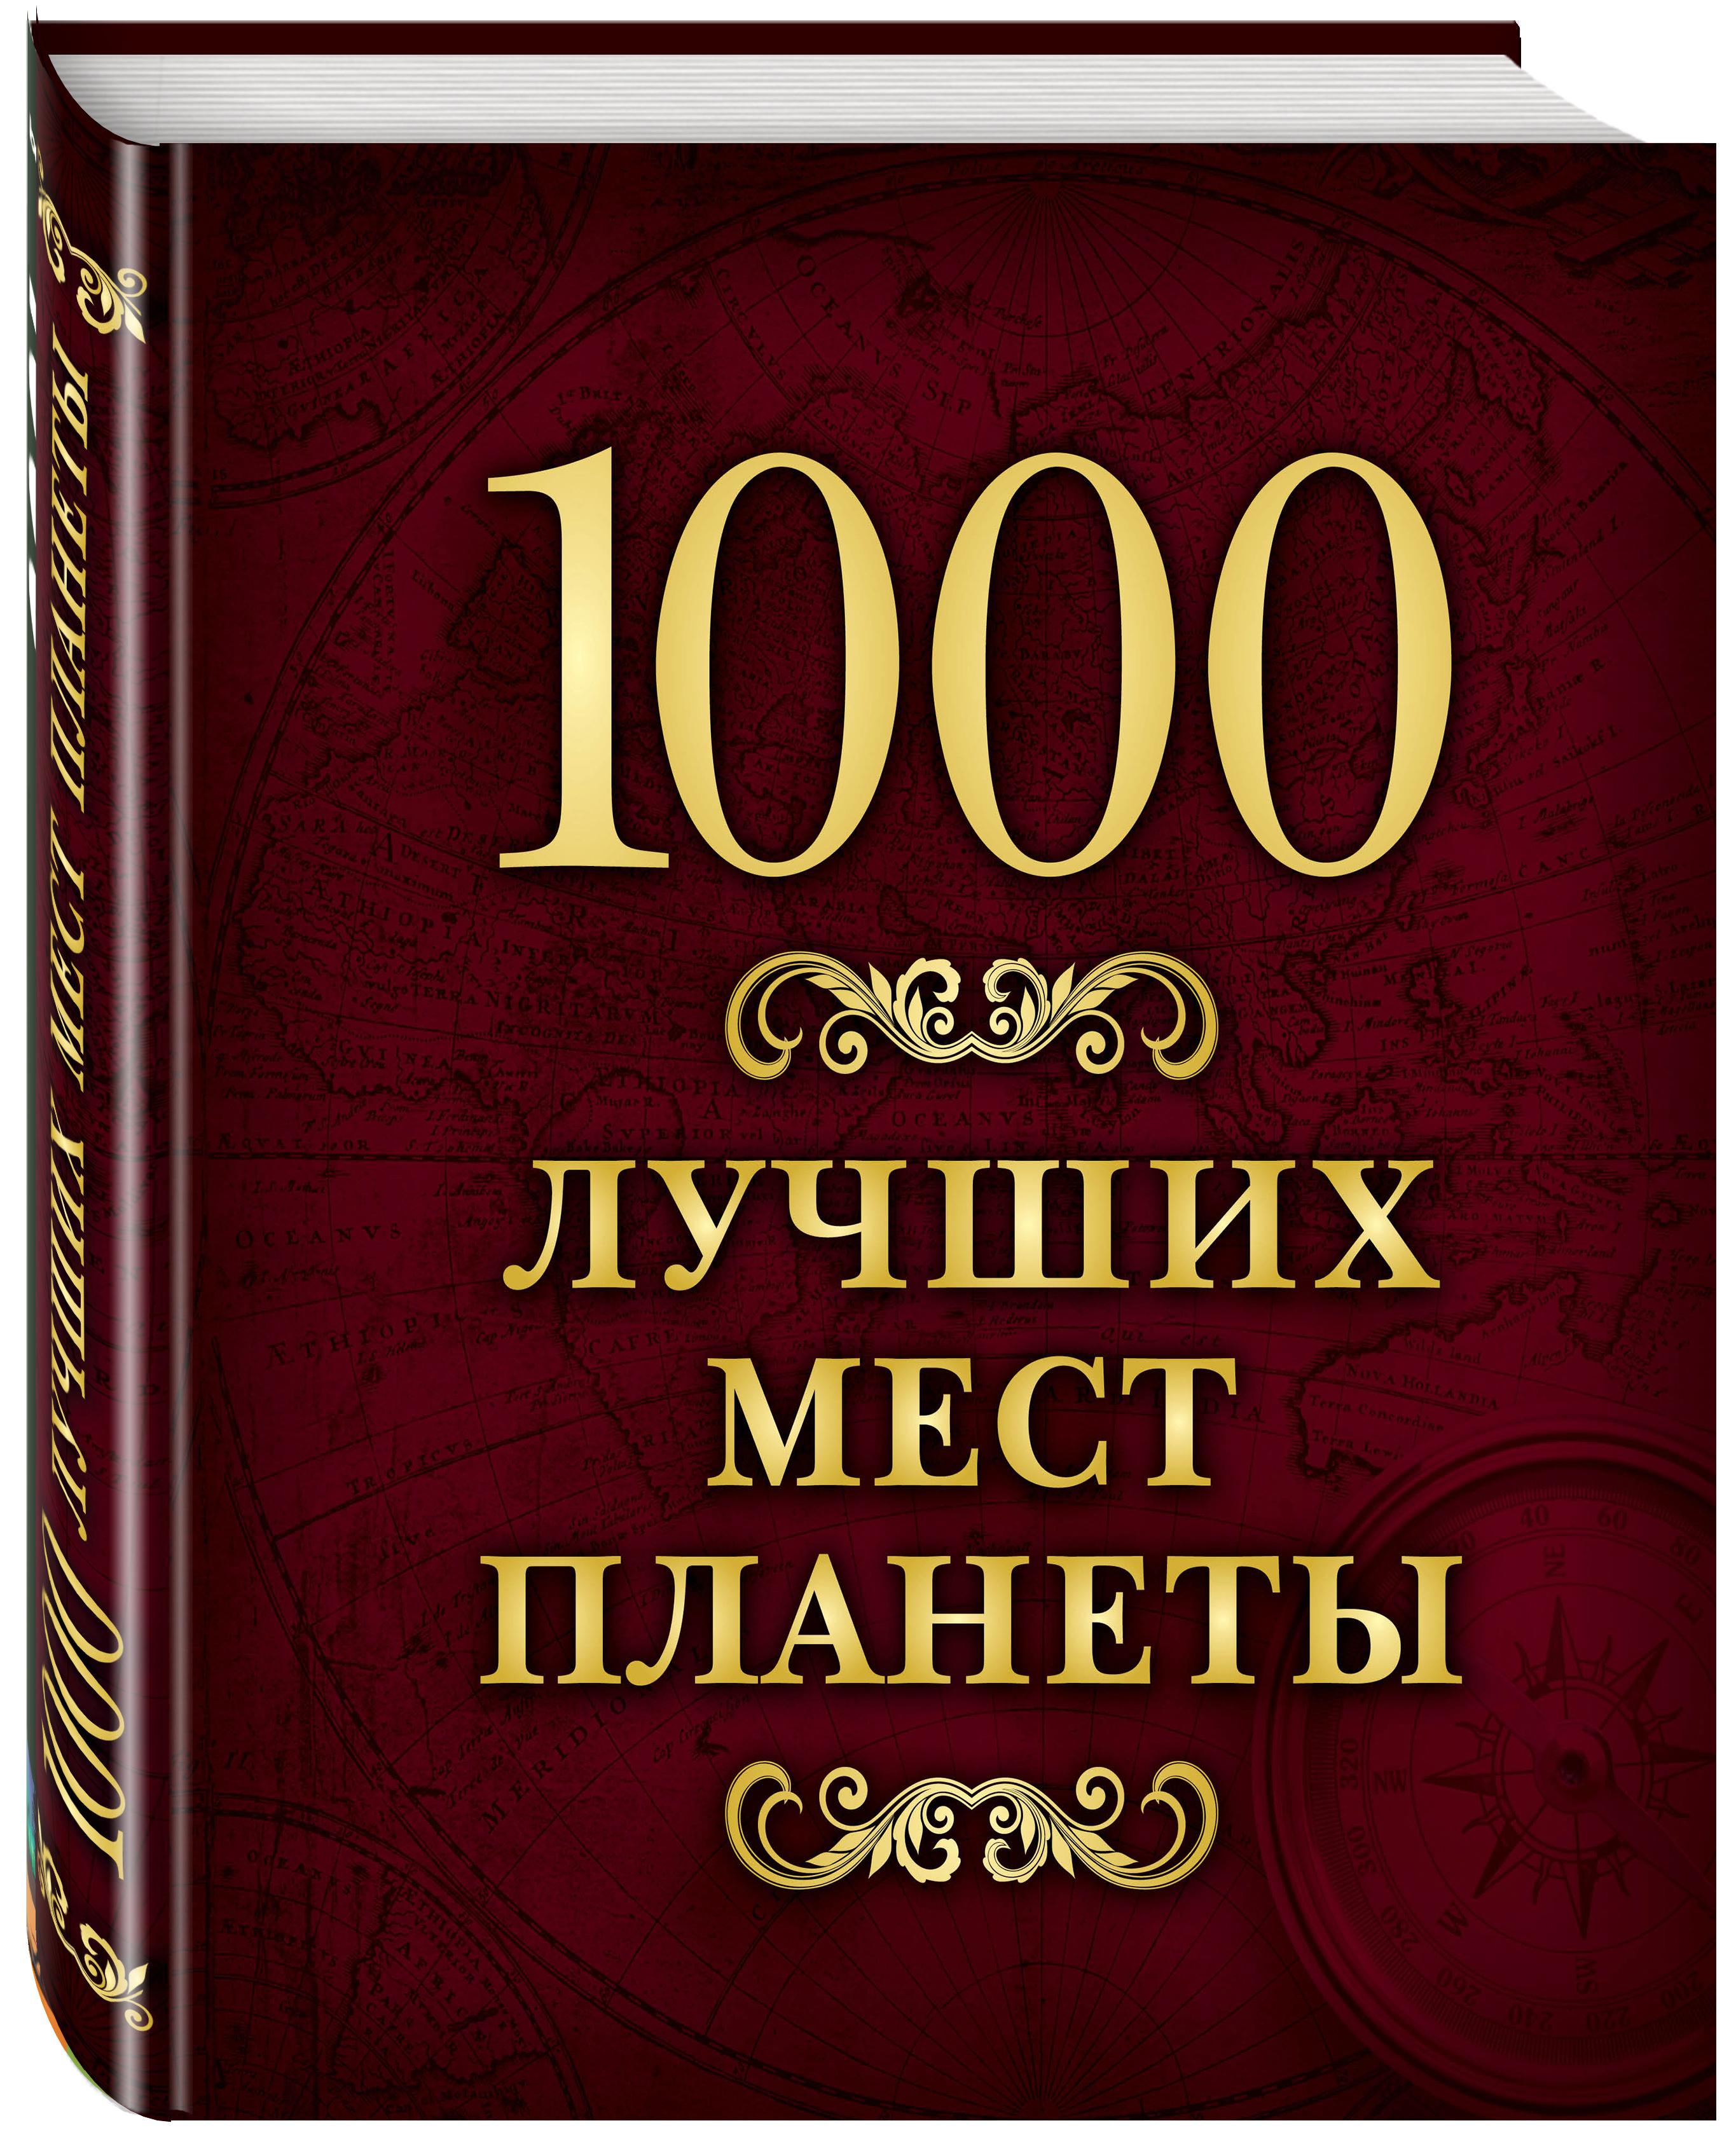 1000 лучших мест планеты (в коробе) mantra 2663